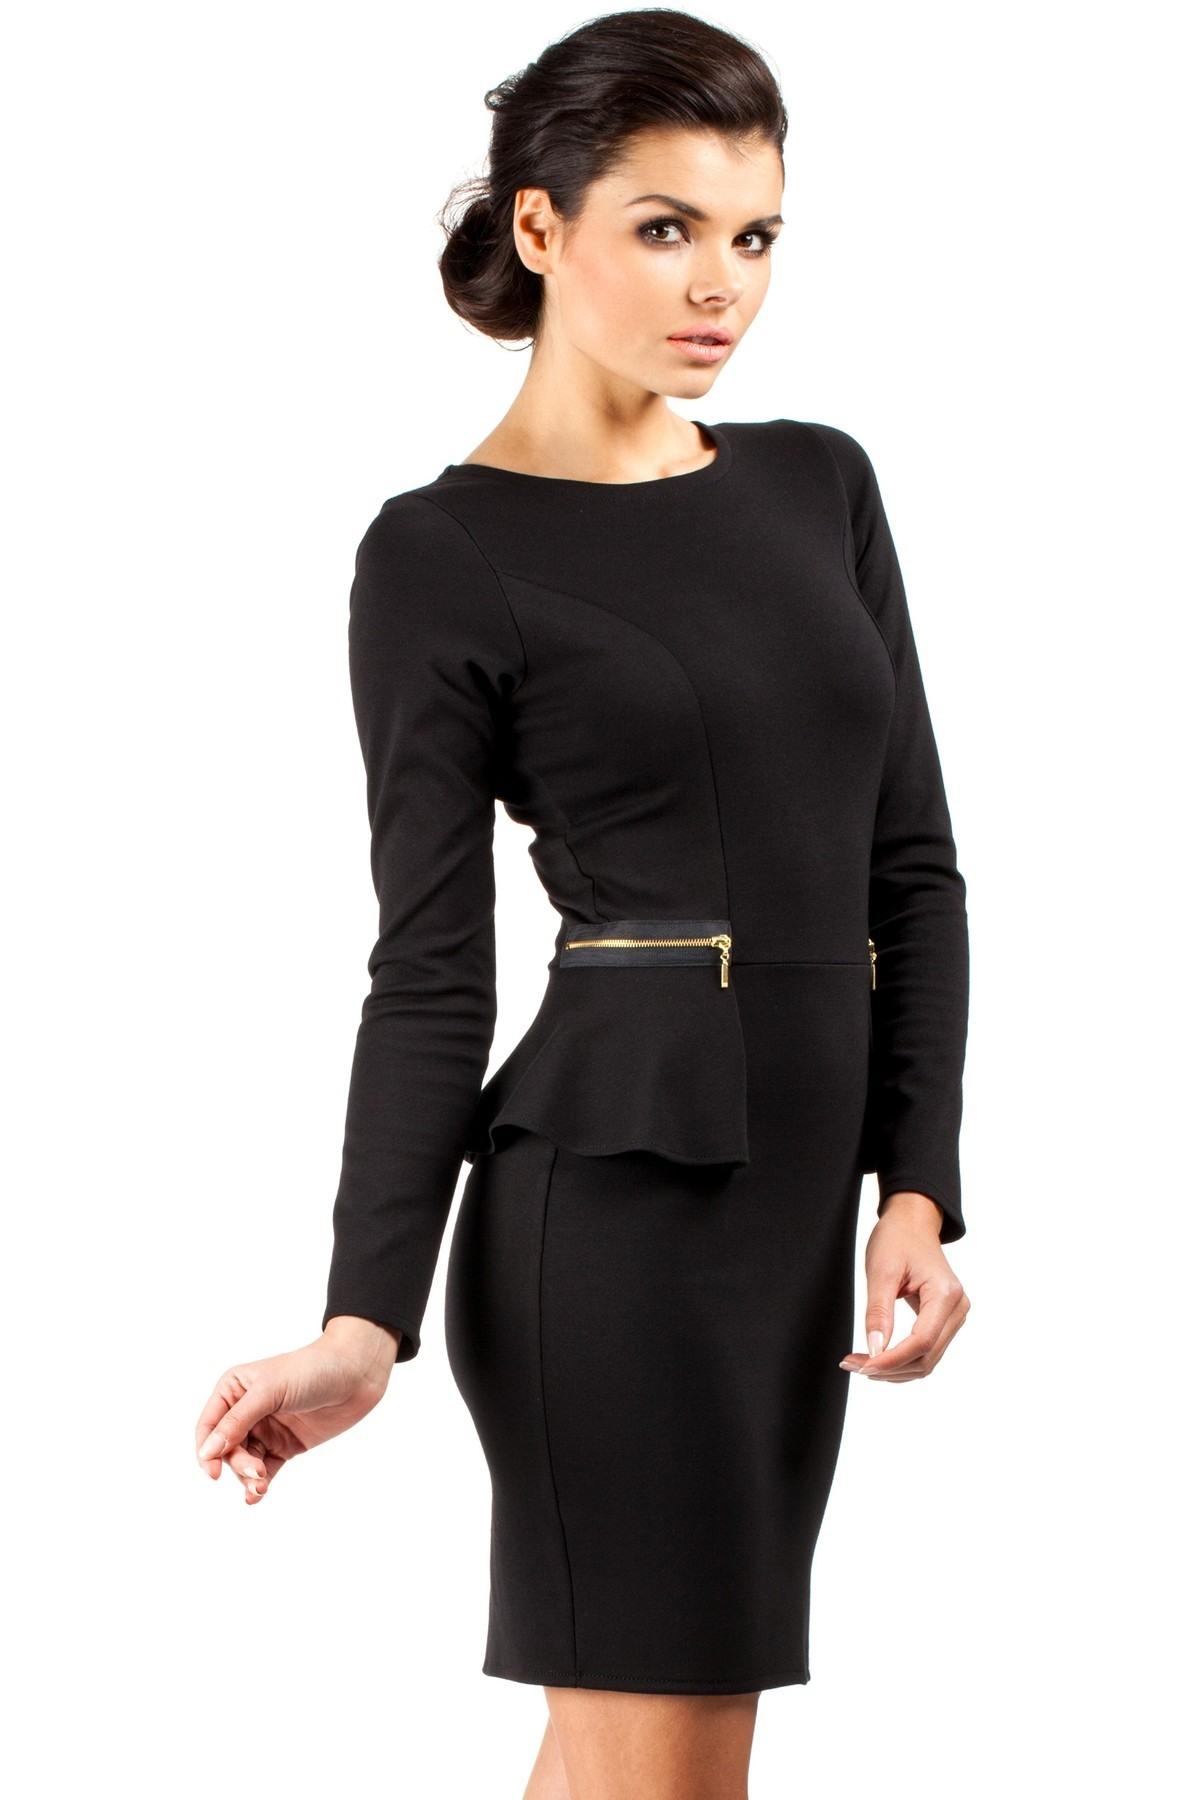 20 Spektakulär Moderne Elegante Kleider Vertrieb10 Schön Moderne Elegante Kleider Design